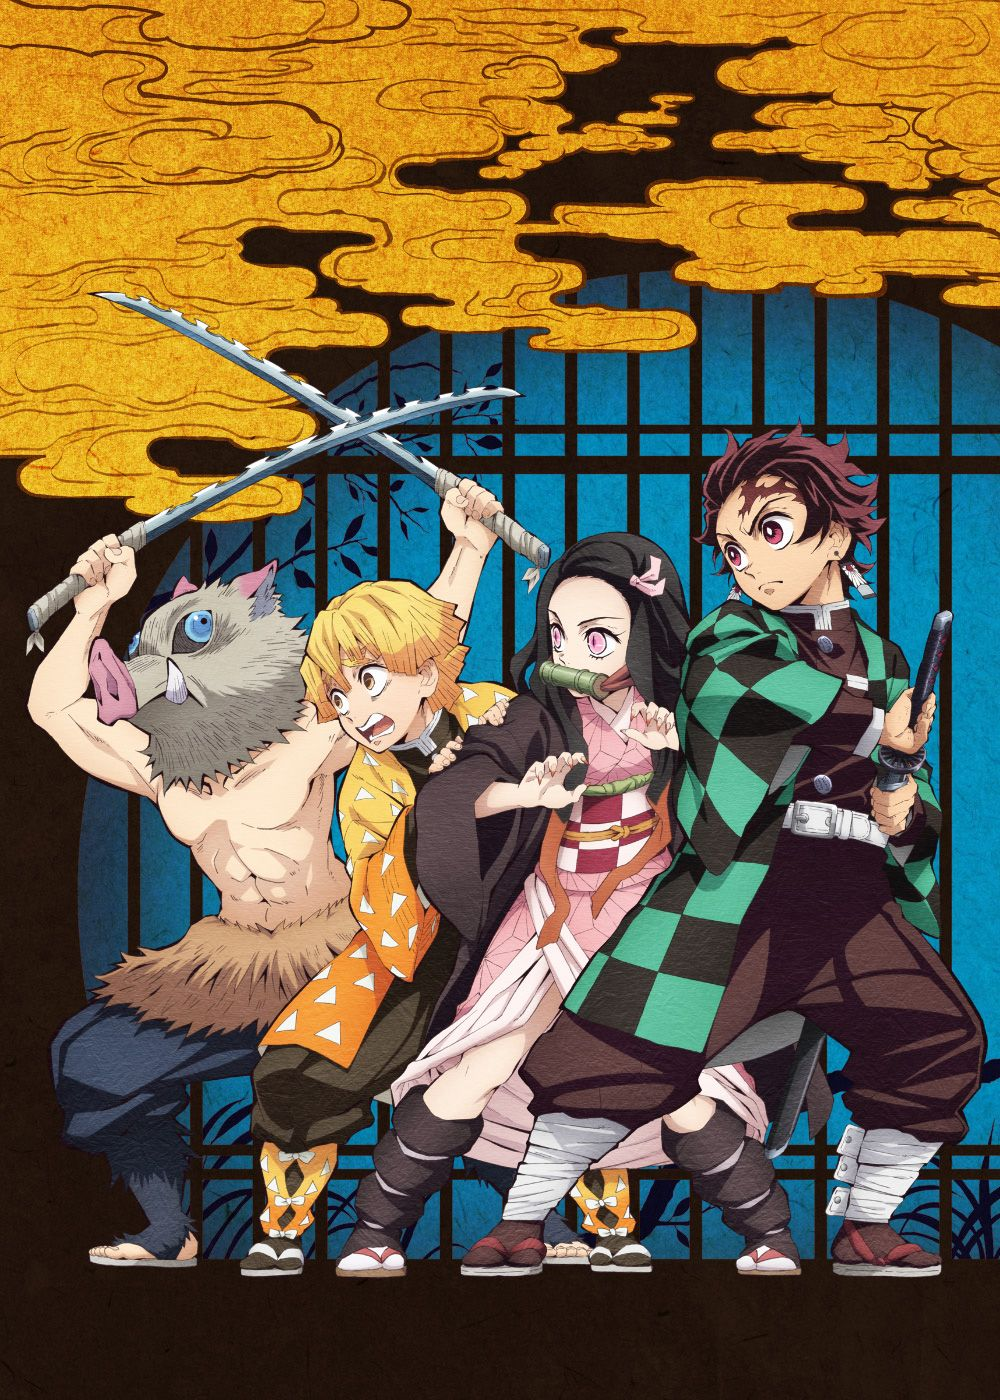 Demon Slayer Anime Demon Manga Covers Anime Wall Art